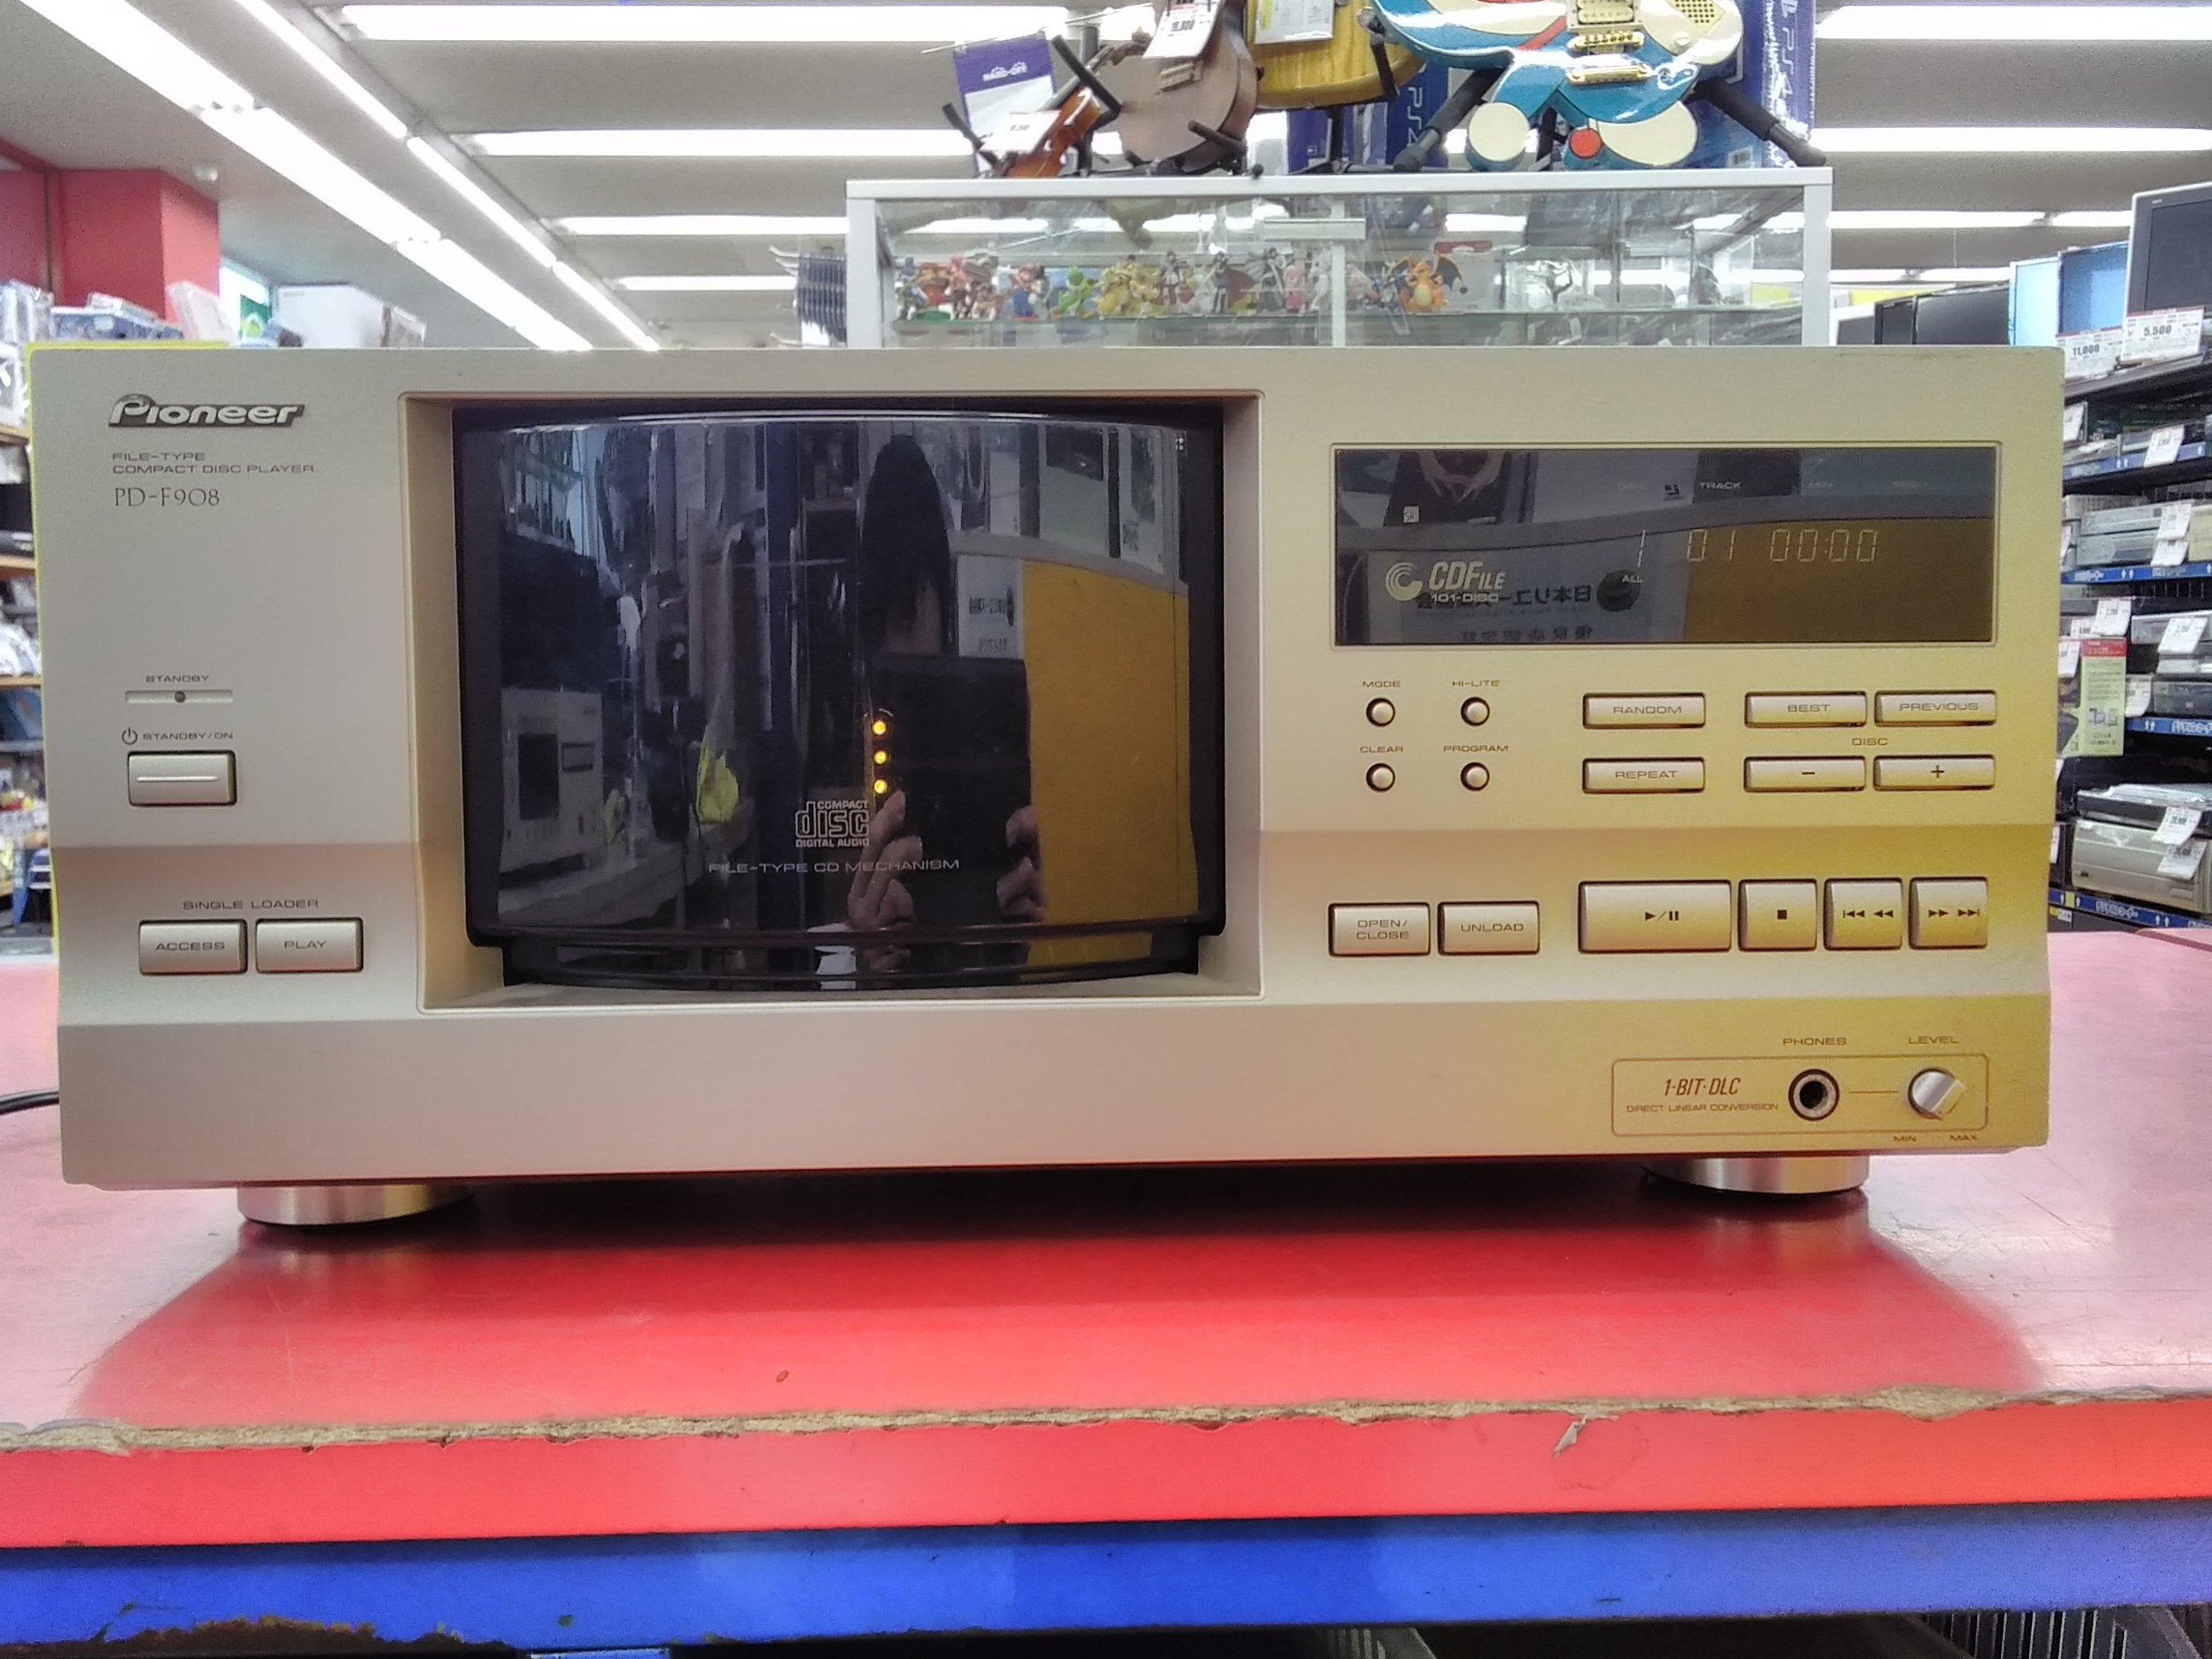 【ジャンク】Pioneer/CDプレーヤー/PD-F908|PIONEER